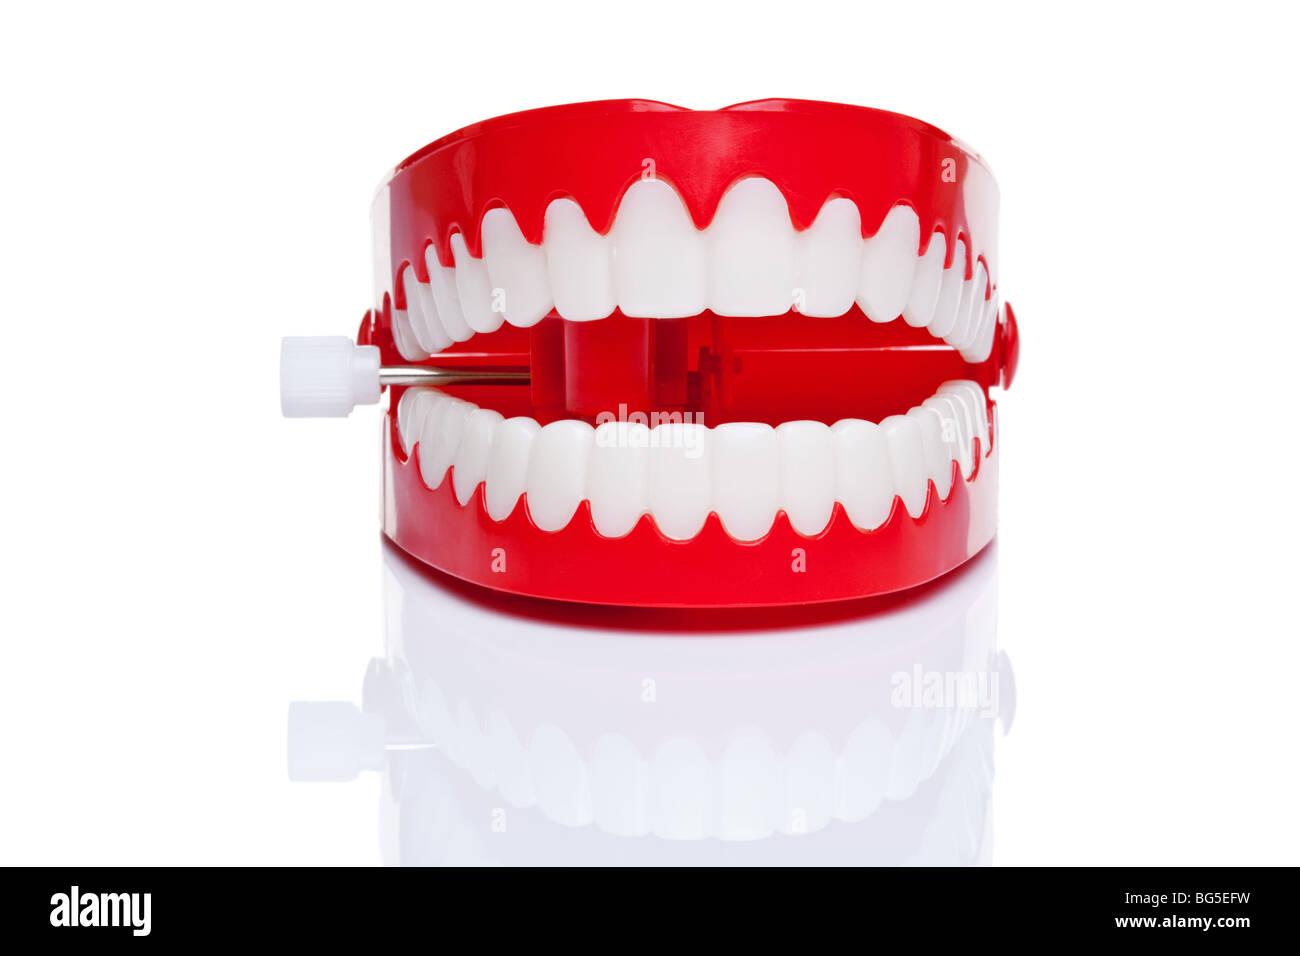 Ein paar Witz wind Klappern Zähne auf einem reinen weißen Hintergrund, hochauflösende Foto. Stockbild